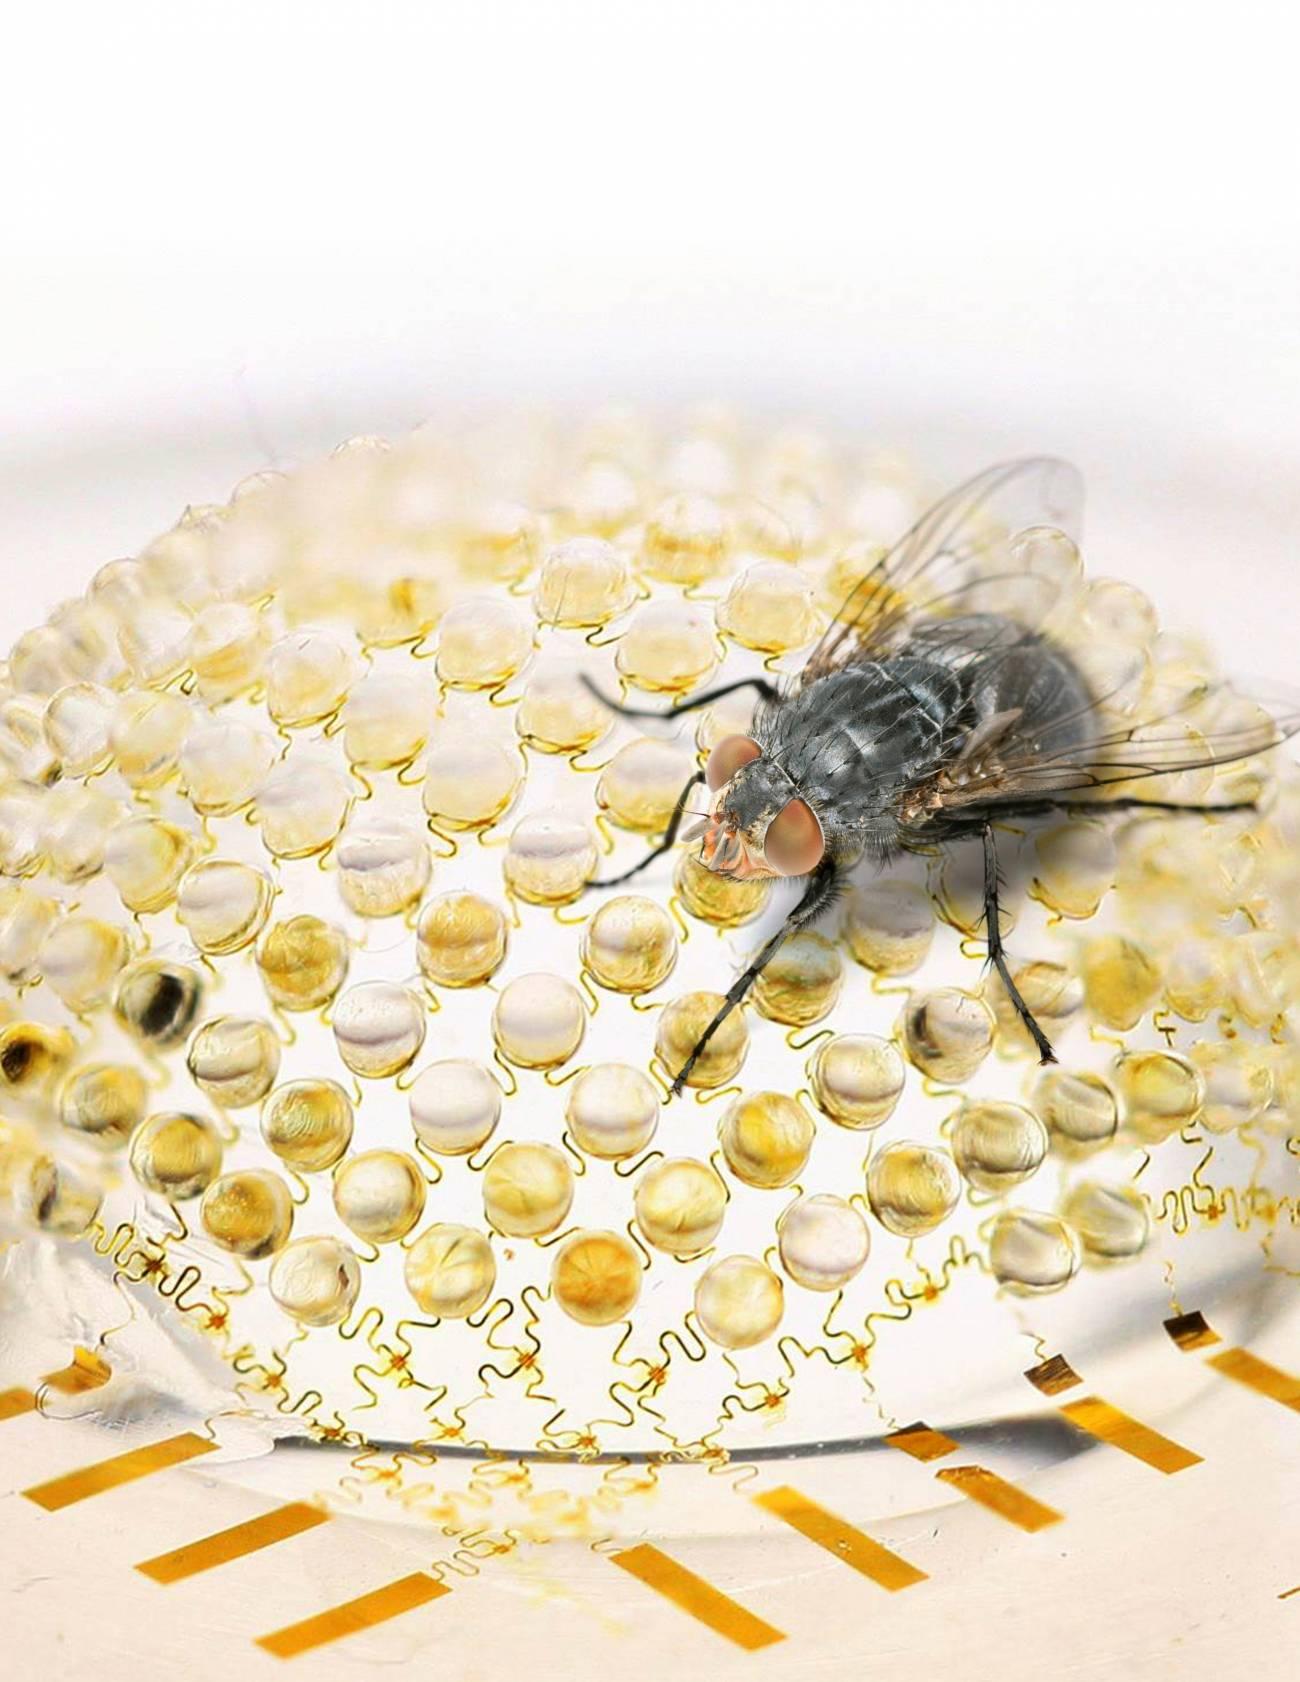 El diseño semihesférico de la cámara se inspira en los ojos de los insectos. / University of Illinois-Beckman Institute